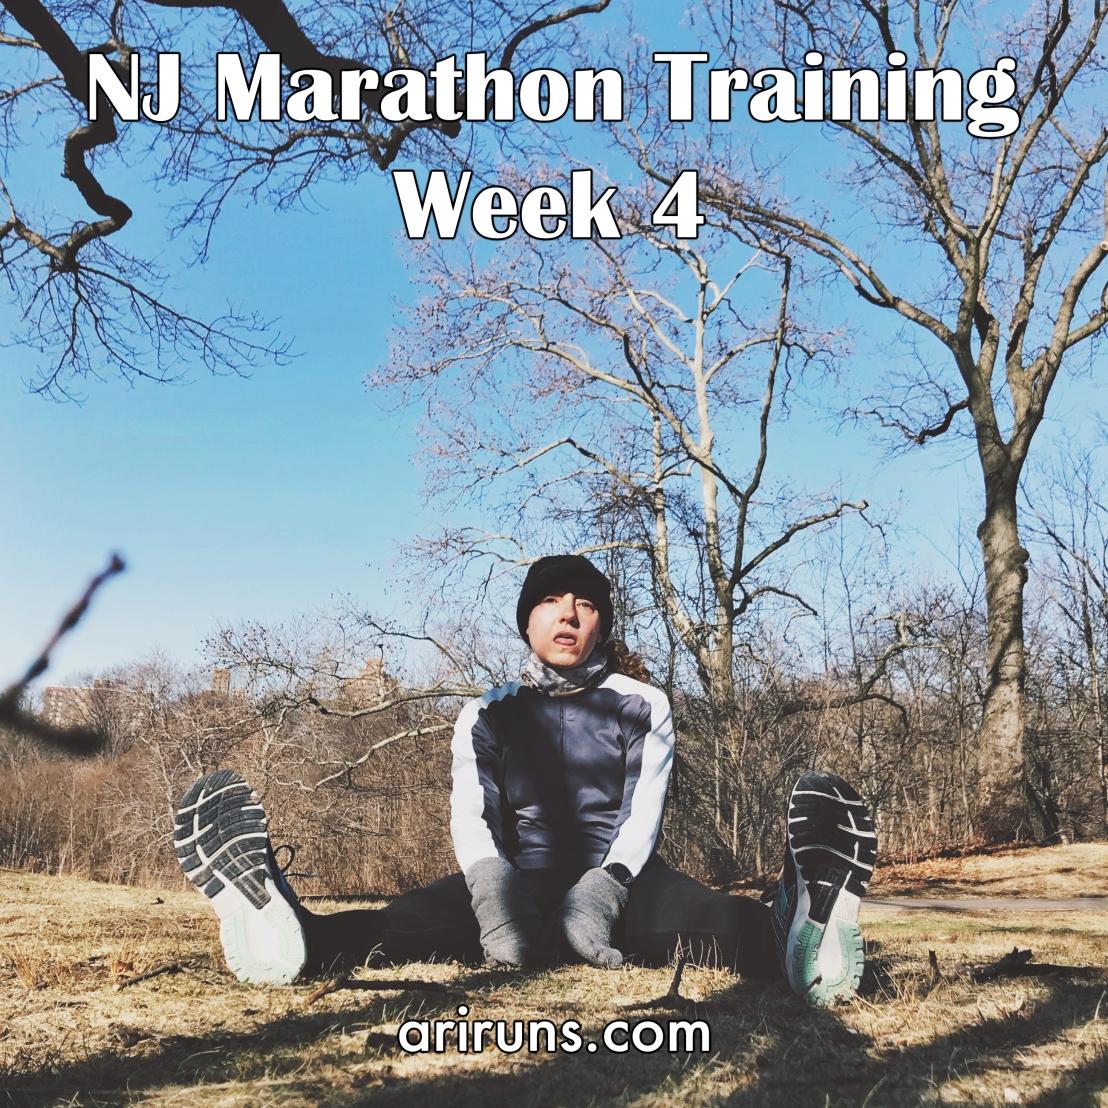 IMG_2024 NJ Marathon Training Week 4